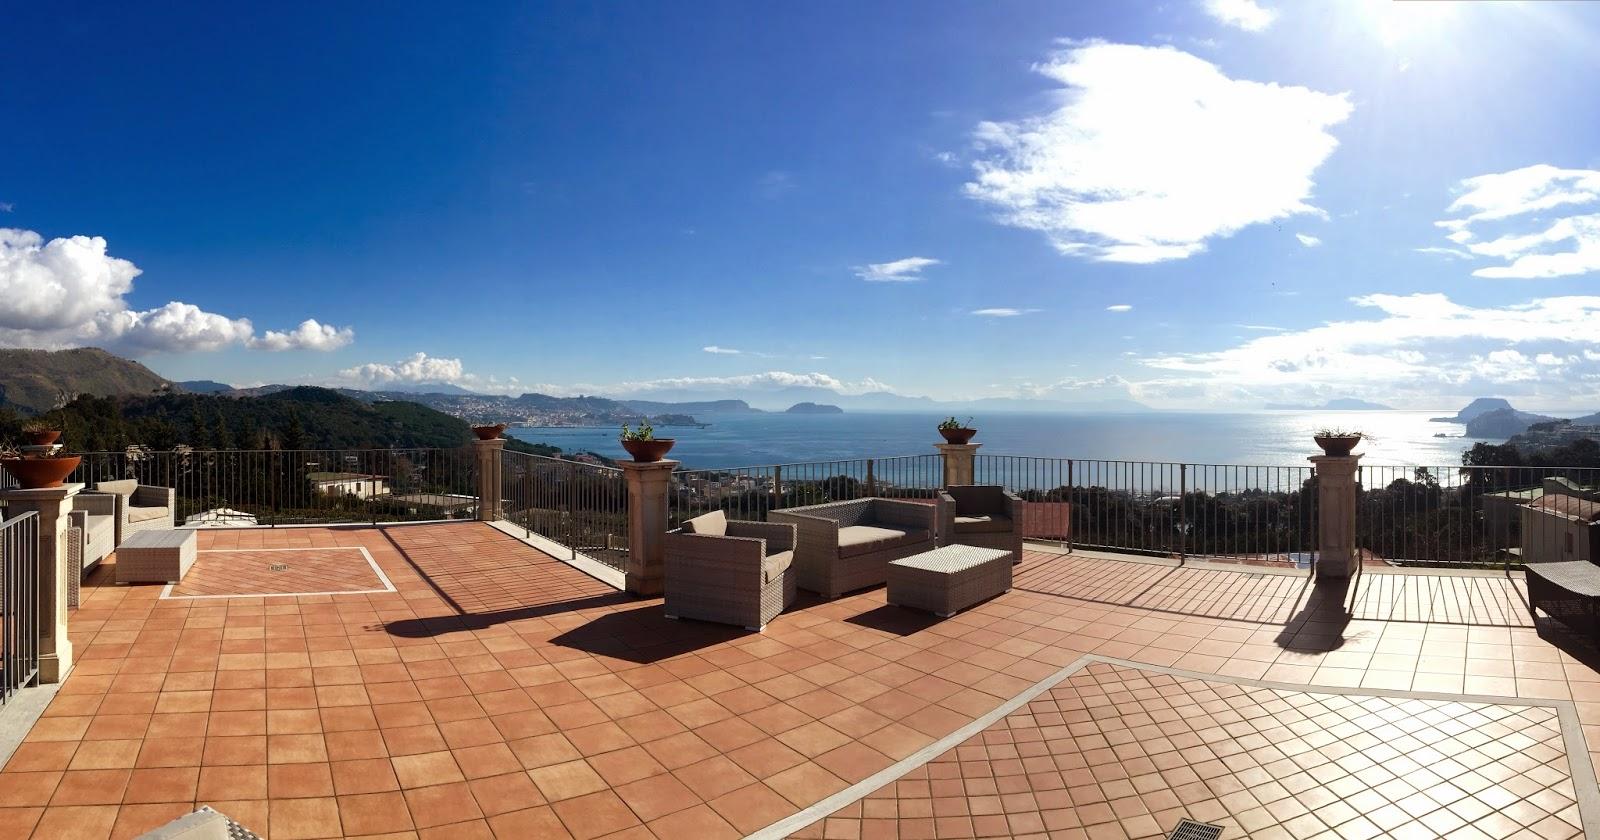 Villa Espero Location S Blog Matrimoni Eventi E